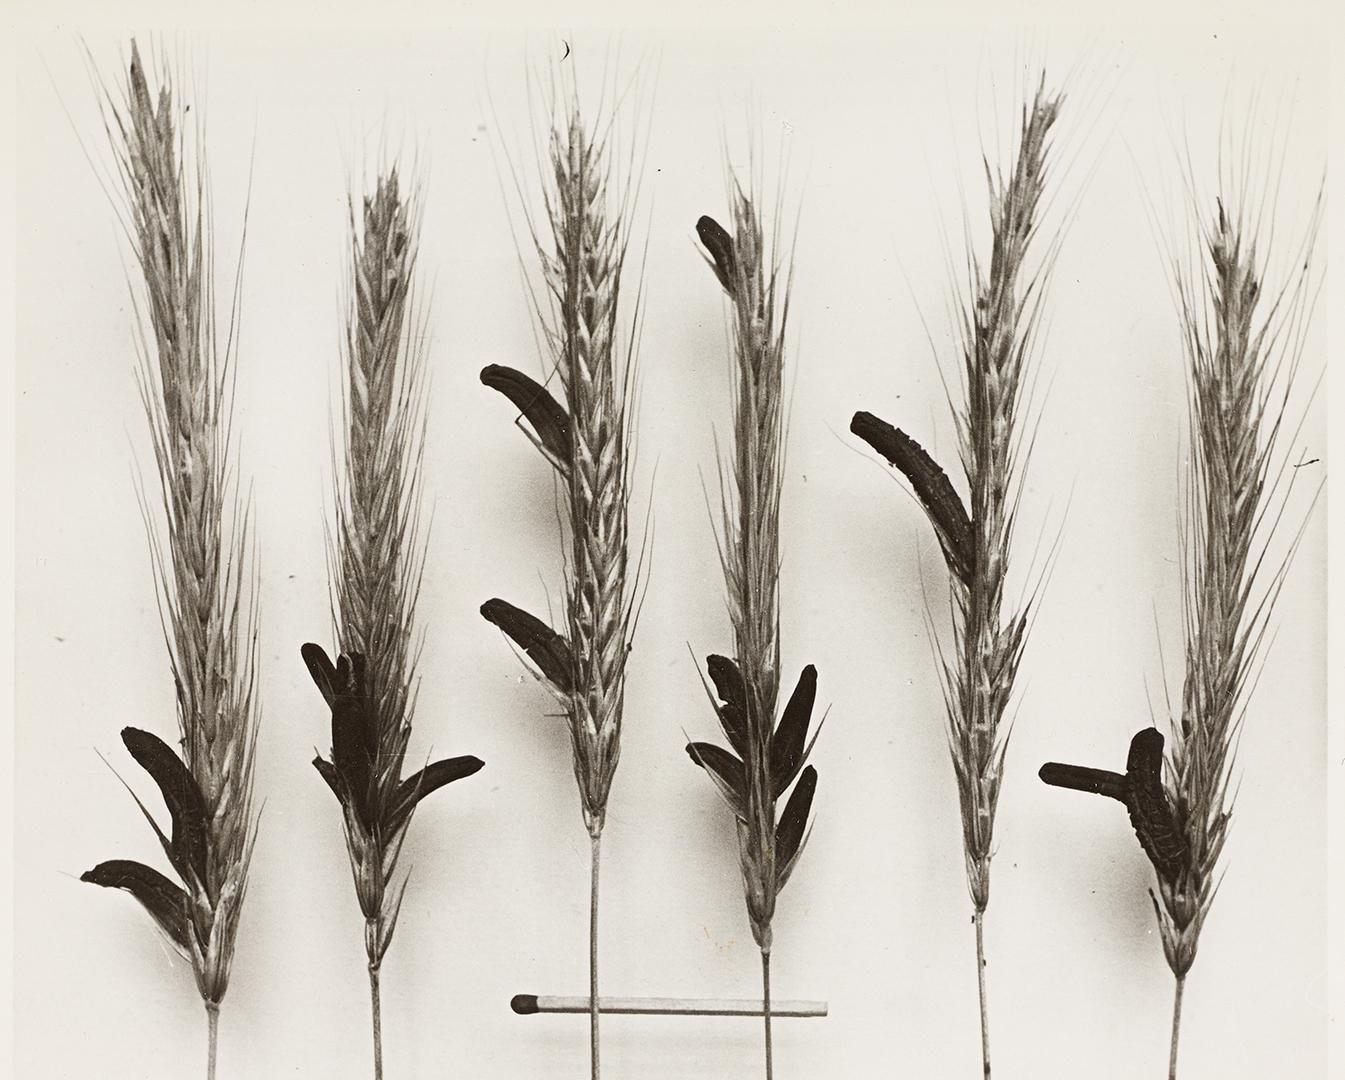 Mit Mutterkorn befallene Roggenähren, aus der Zucht der Sandoz AG, Institut für Medizingeschichte der Universität Bern, Nachlass Albert Hofmann